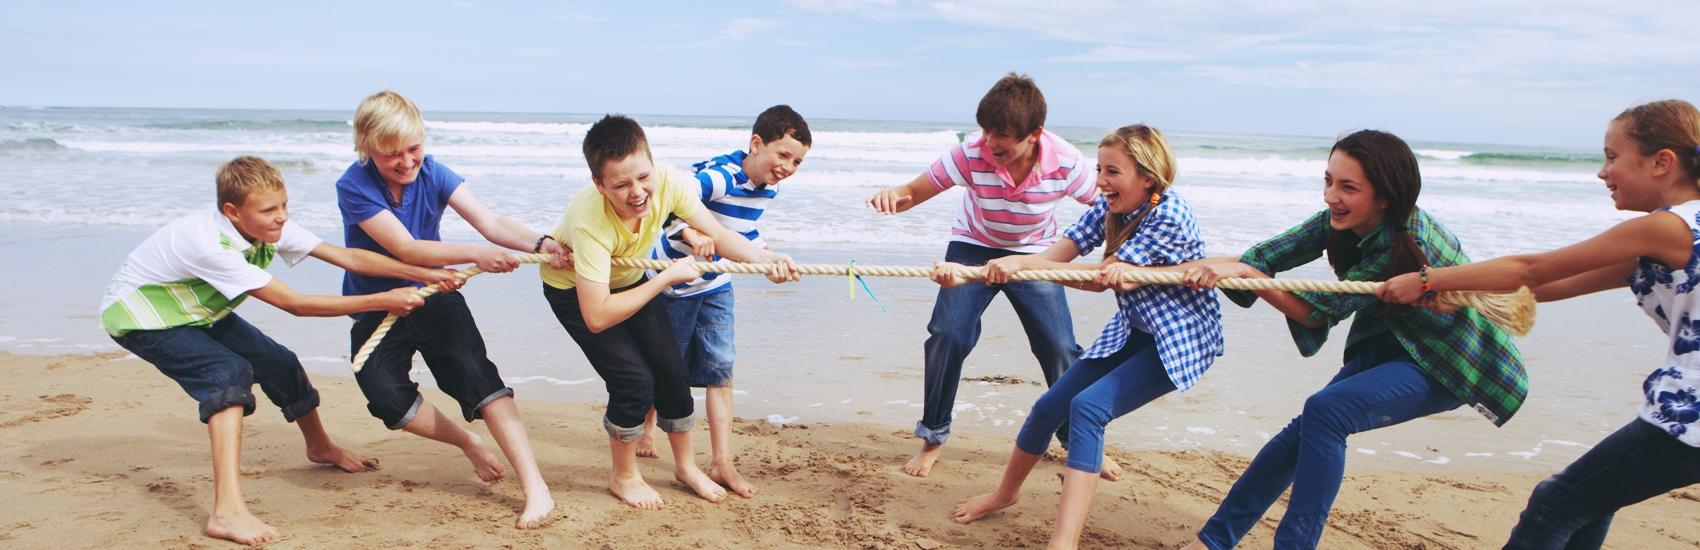 slider-campamentos-amigos-juego